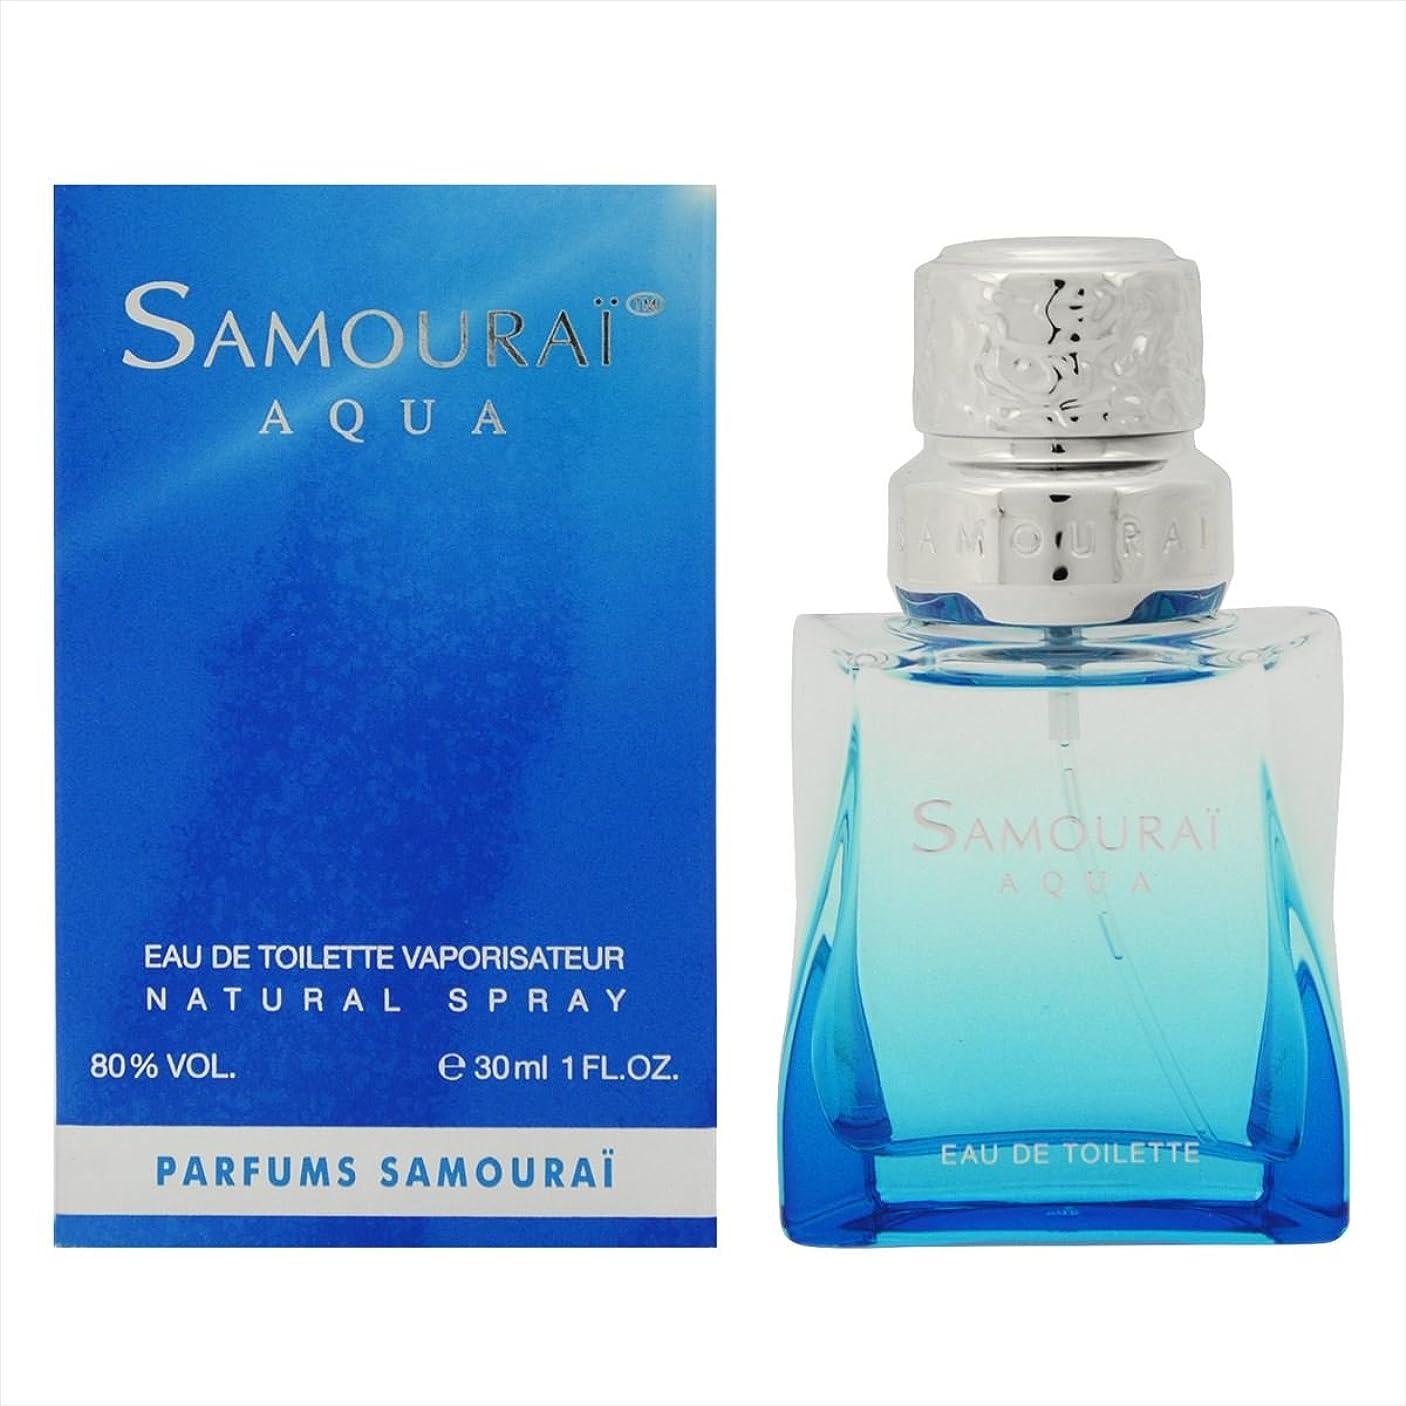 味落ち着いて文化サムライ 香水 SAMOURAI AD-AQUAETSP-30 並行輸入品